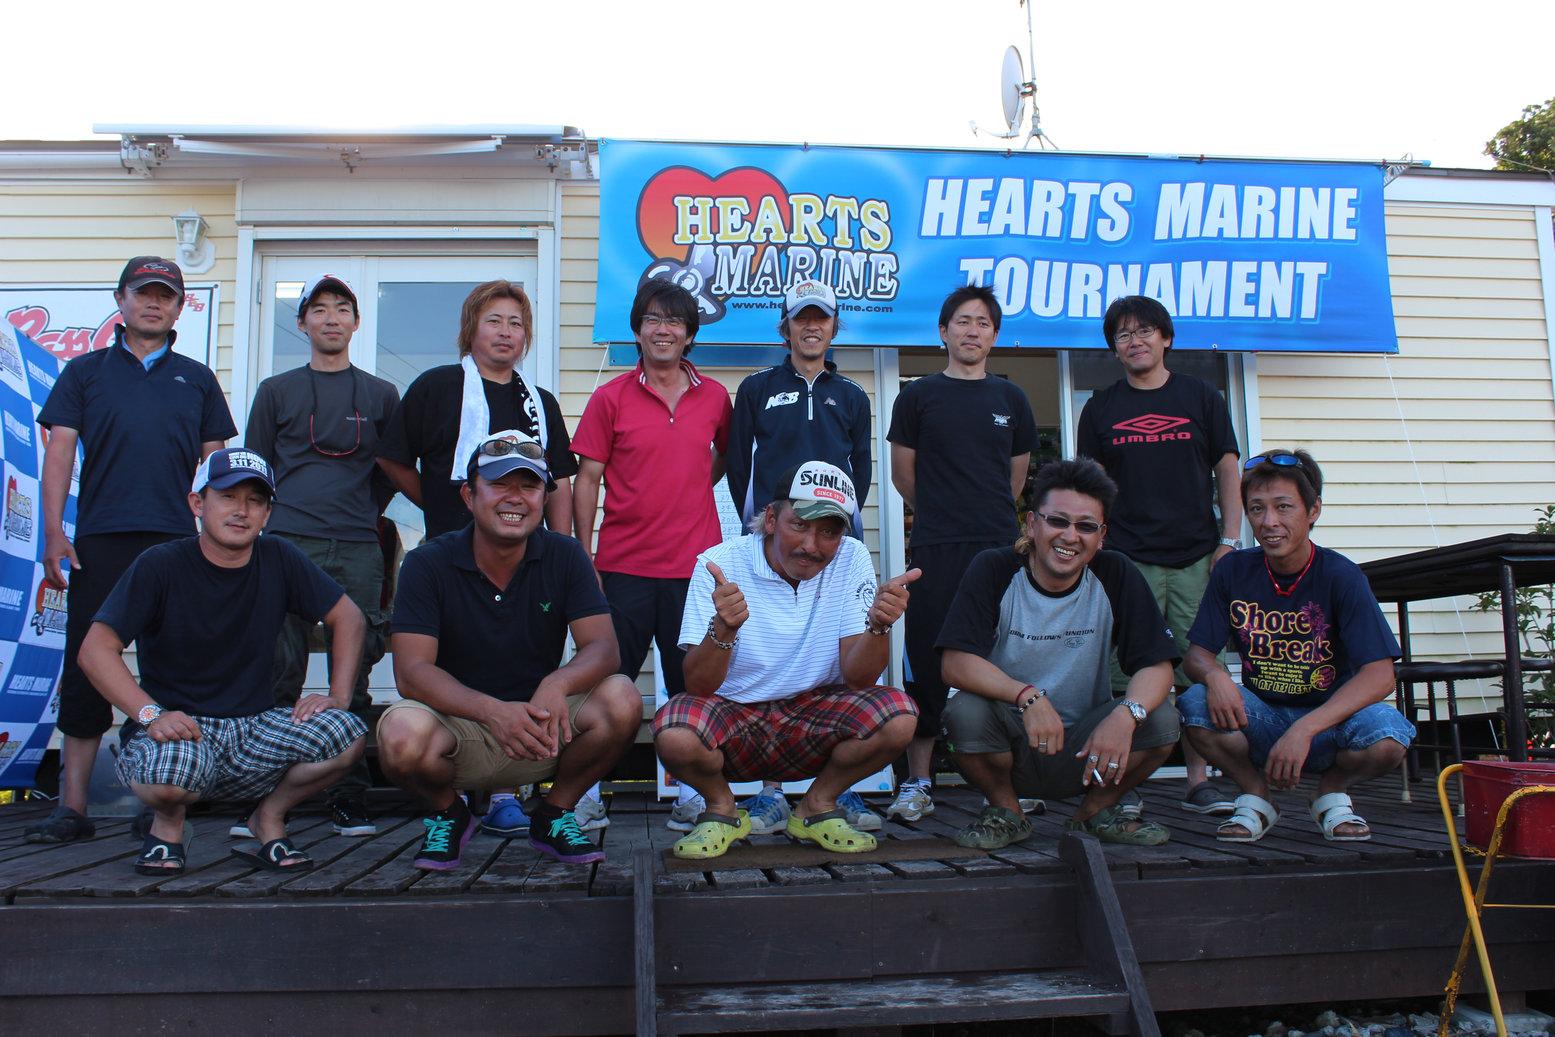 http://www.heartsmarine.com/images/IMG_2526%5B1%5D.jpg